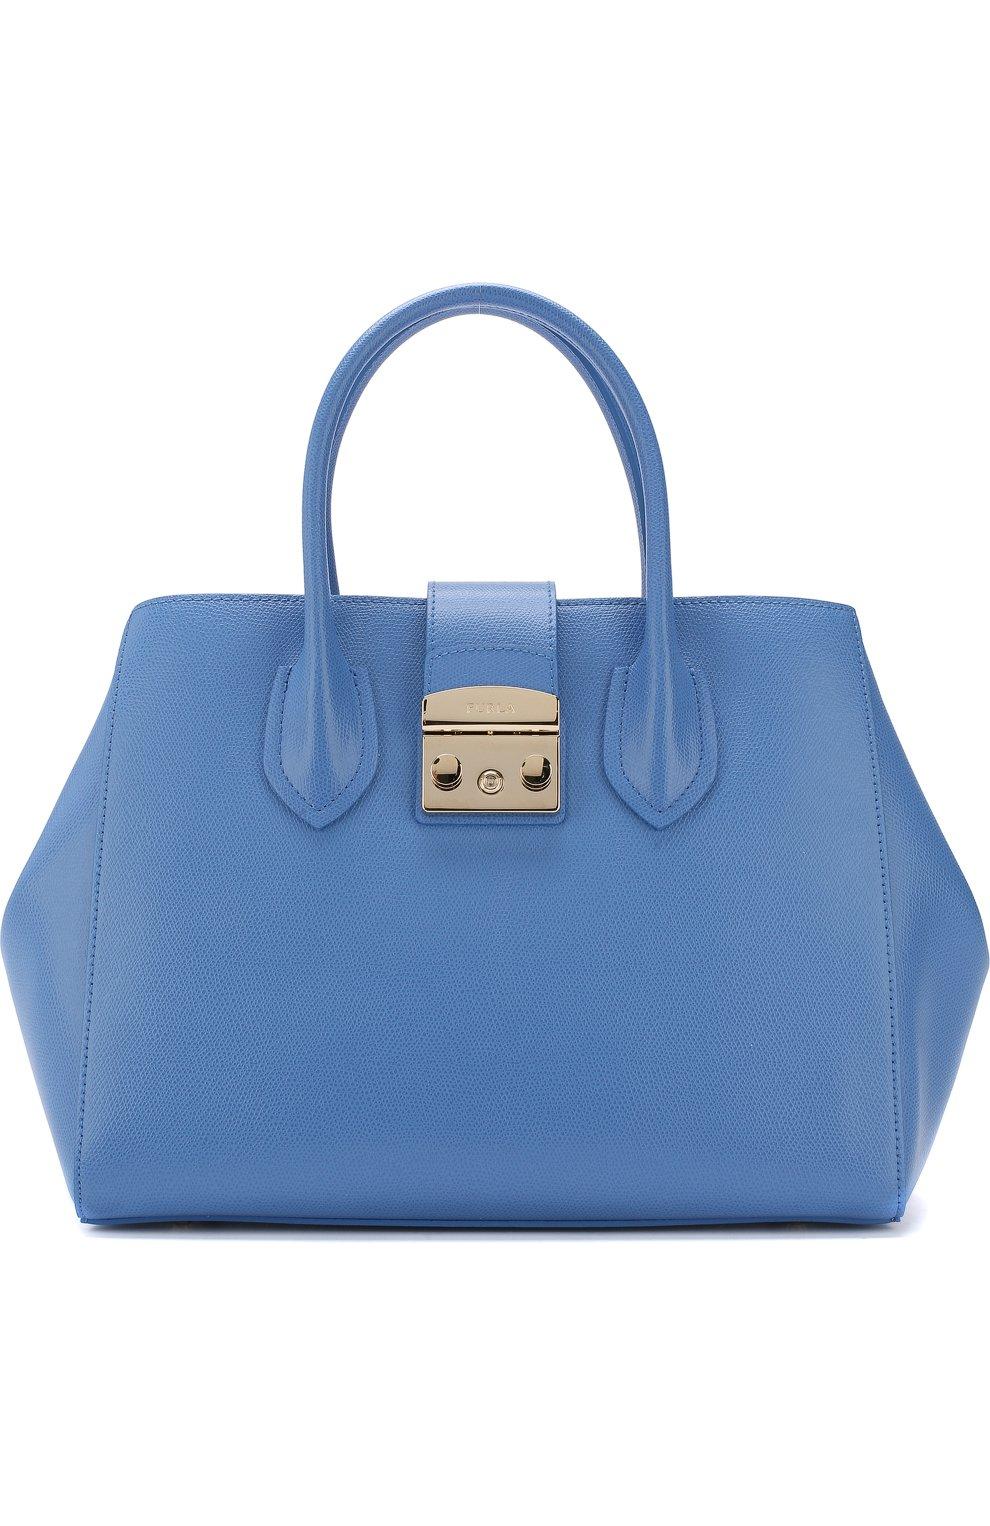 Женская сумка-тоут metropolis FURLA голубого цвета — купить за 27500 ... 4e3a365ce06